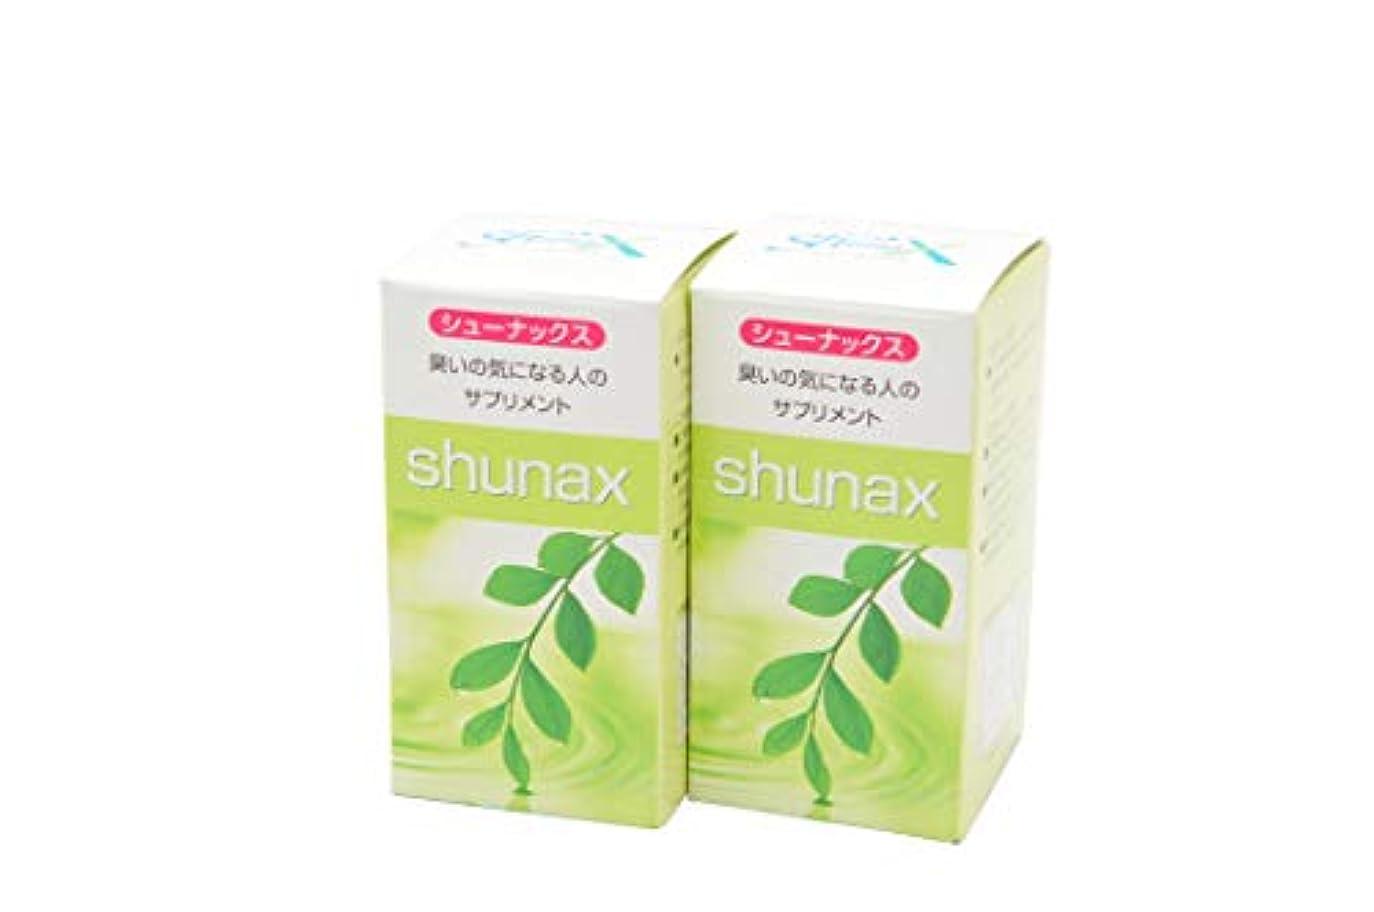 キルト眼常習的シューナックス 2個セット 口臭、体臭、加齢臭対策の消臭サプリメント。エチケット?デート?介護時のニオイに。【shunax】1箱30日分x2個セット